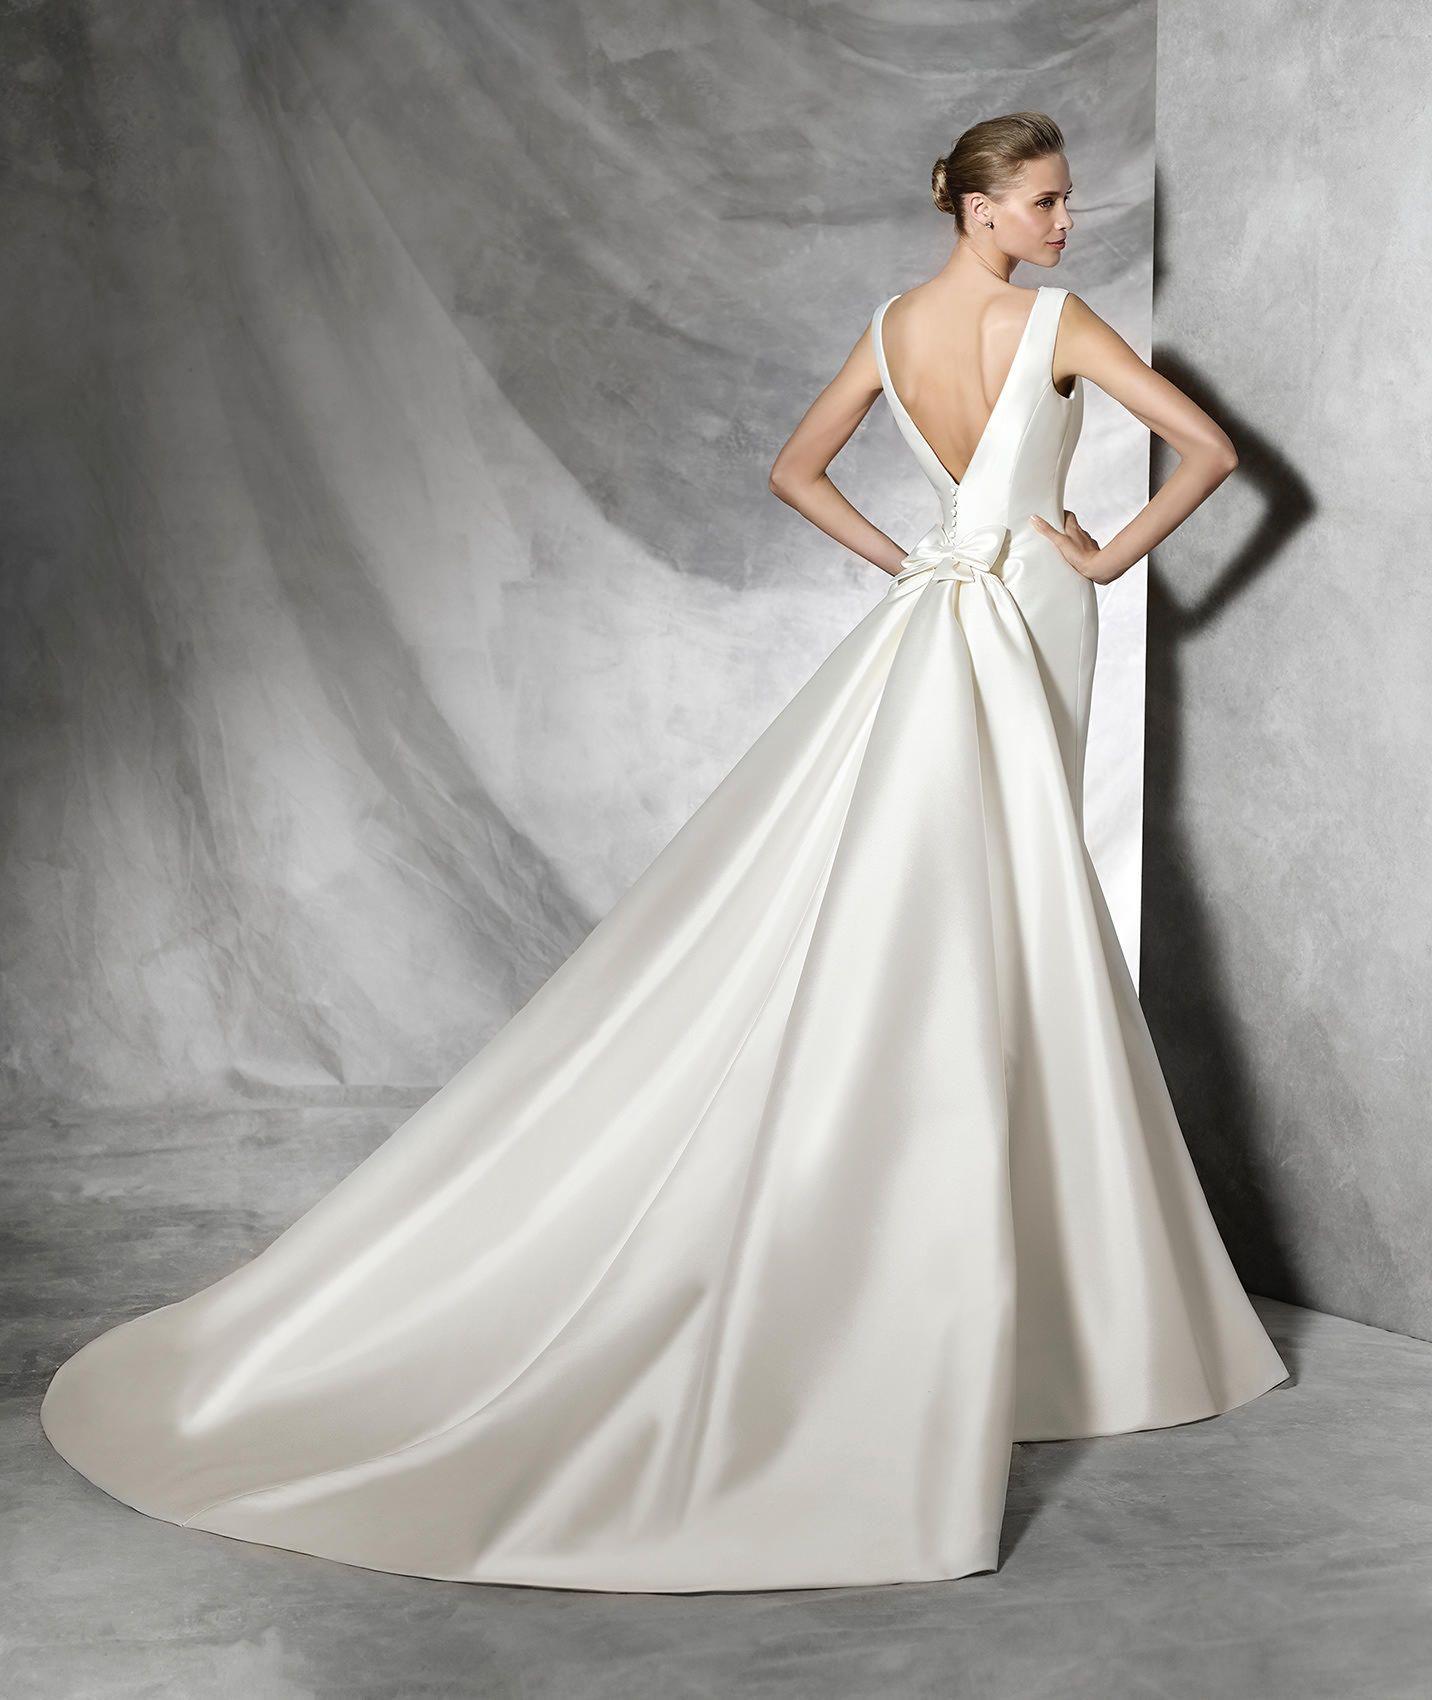 TRISA - Simple and original wedding dress | Brautkleider und Brautkleid